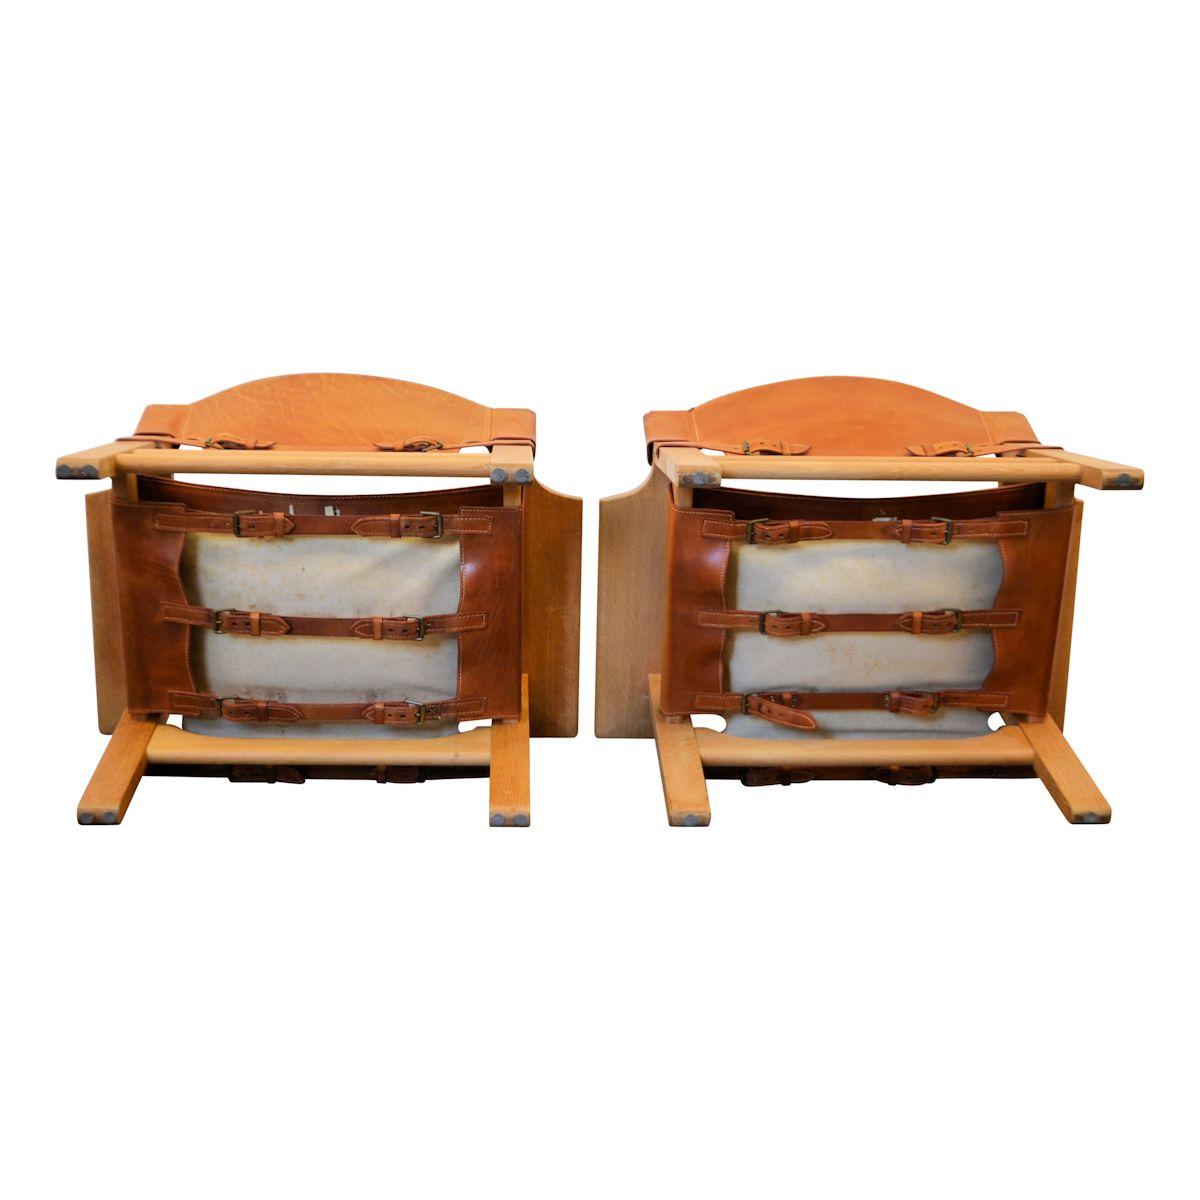 Vintage Spanish Chairs By Børge Mogensen   Detail